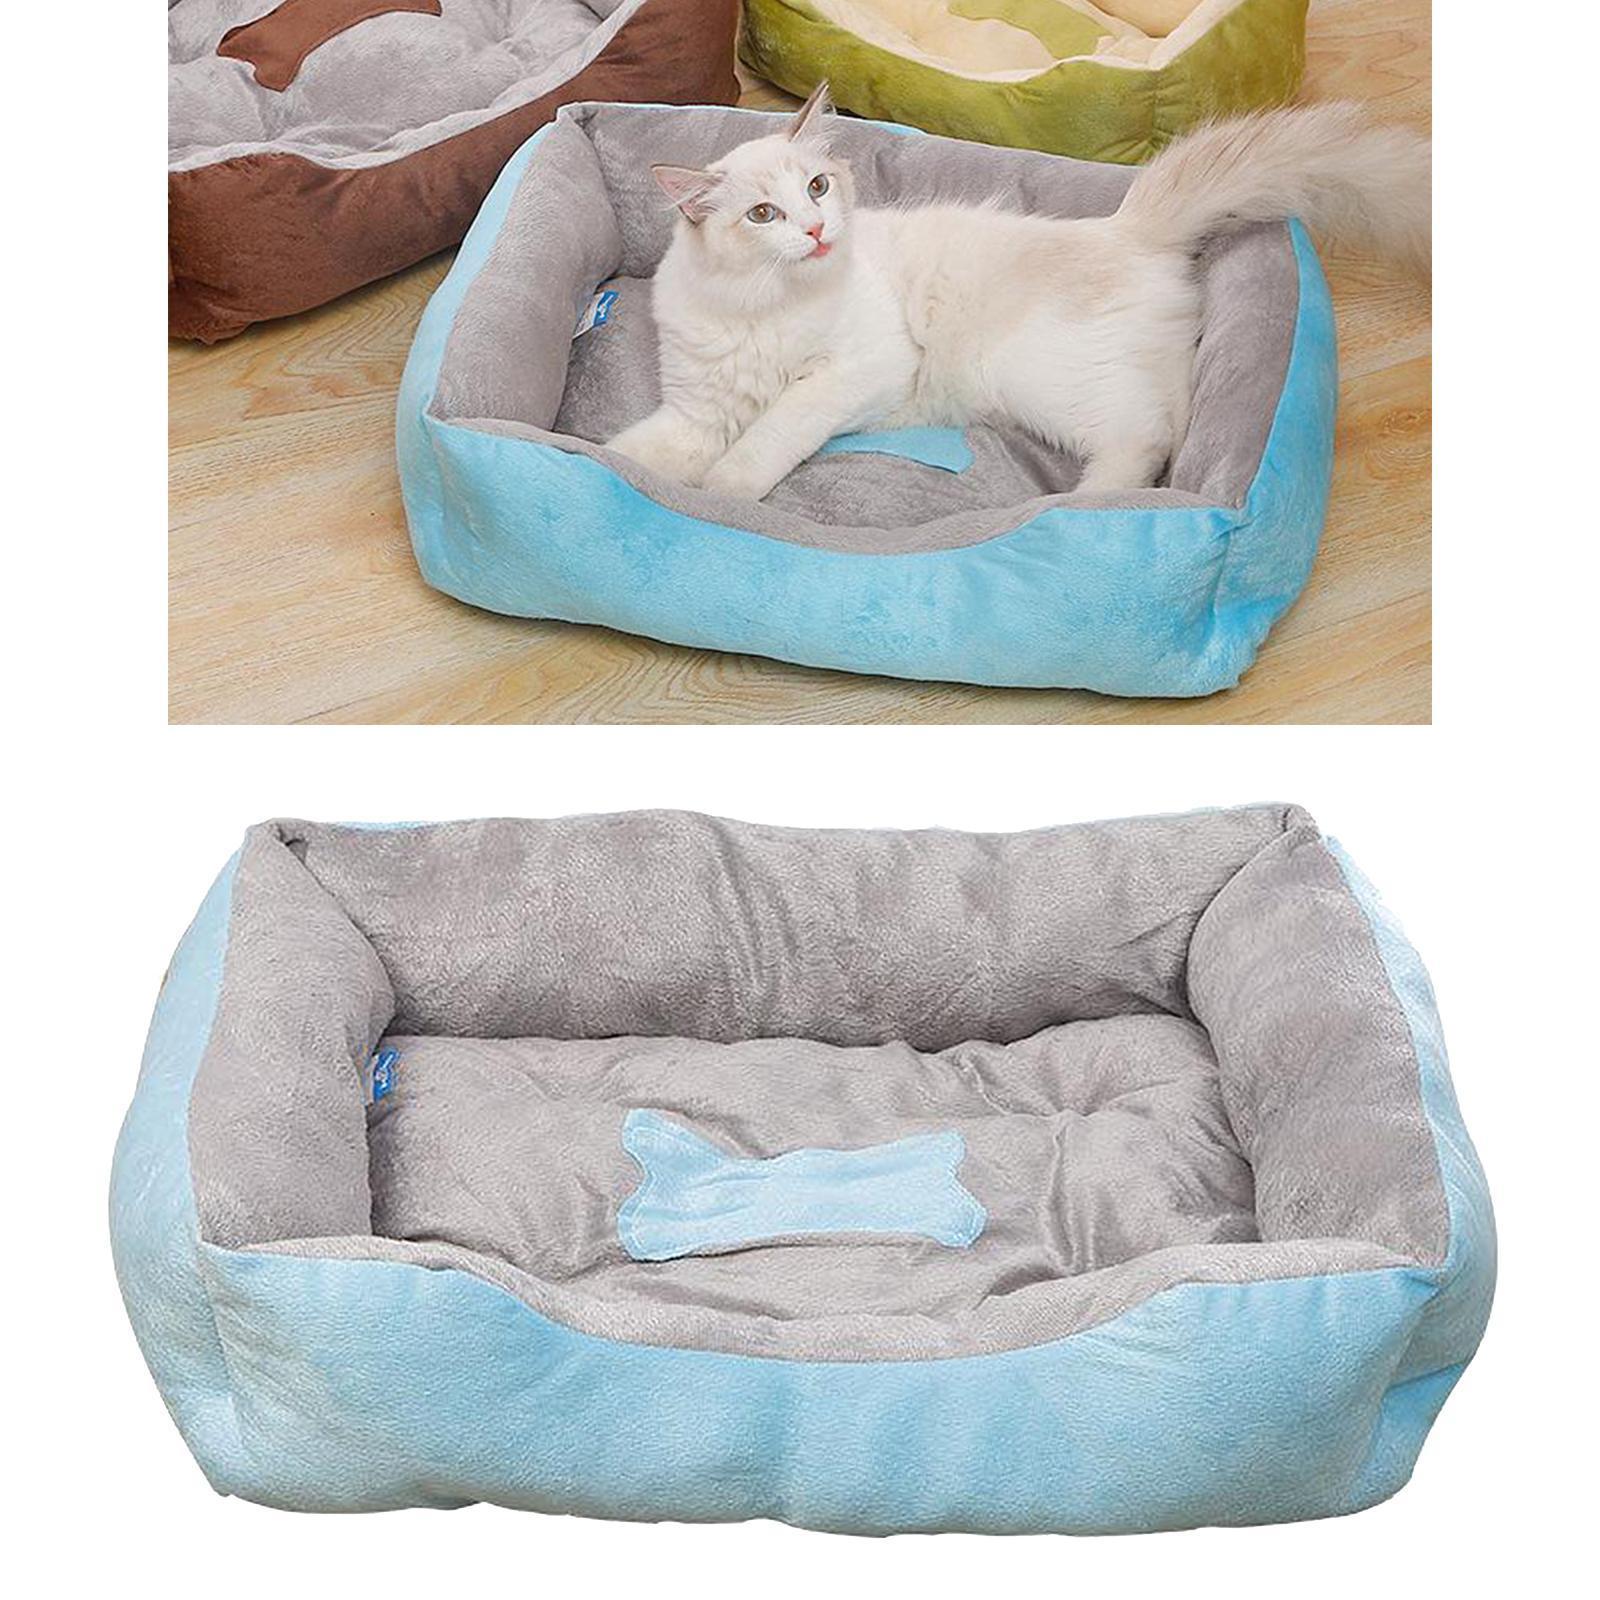 Indexbild 61 - Katze-Hund-Bett-Pet-Kissen-Betten-Haus-Schlaf-Soft-Warmen-Zwinger-Decke-Nest